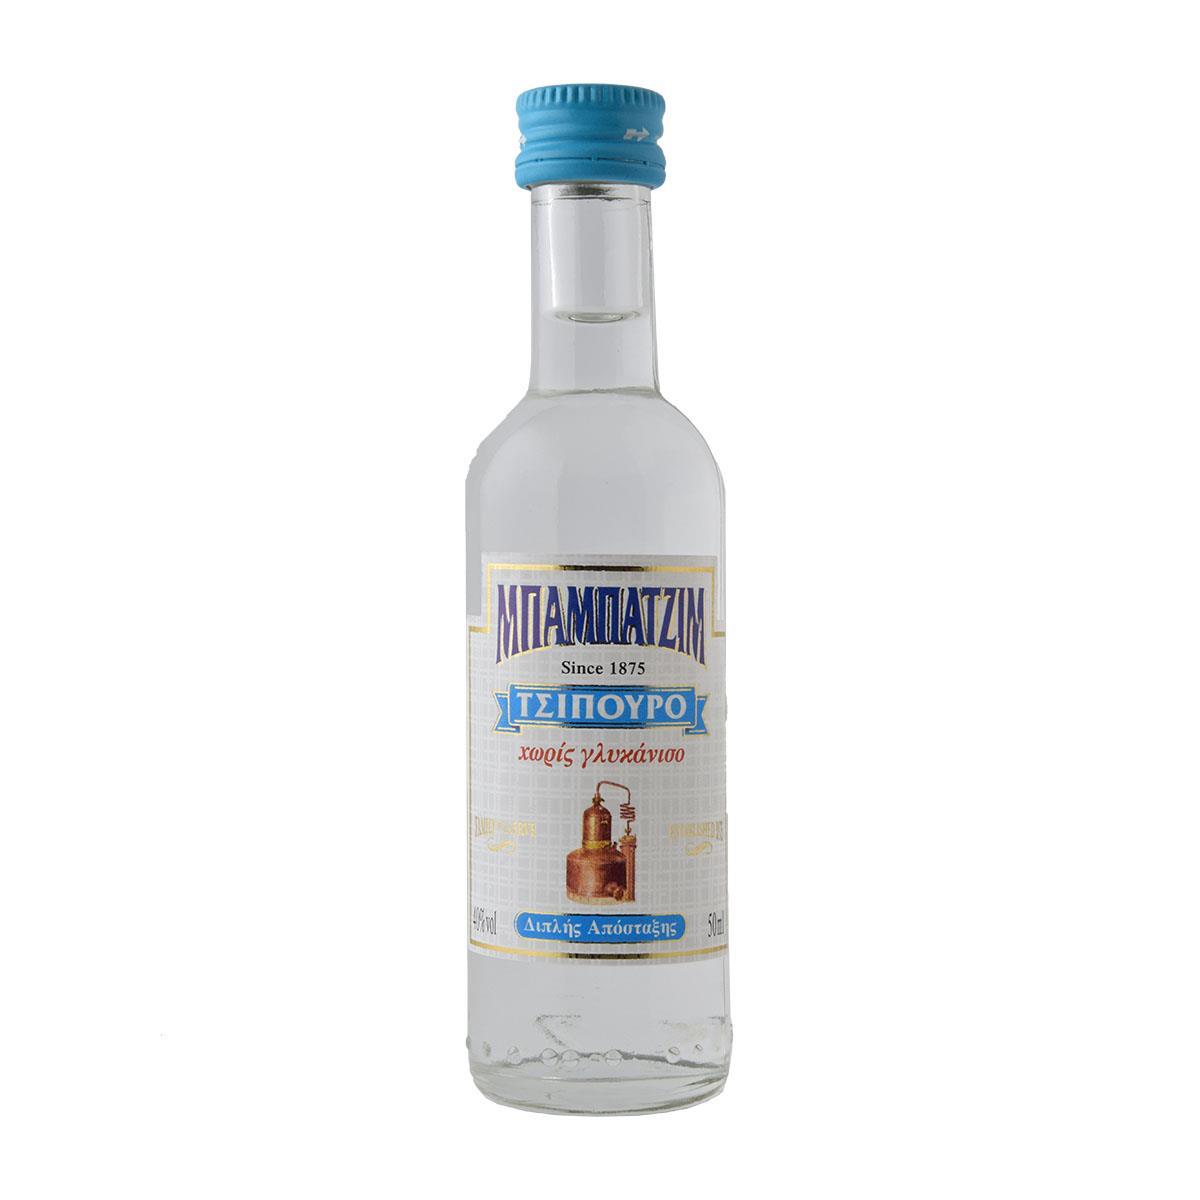 Μπαμπατζίμ Τσίπουρο χωρίς γλυκάνισο 50ml